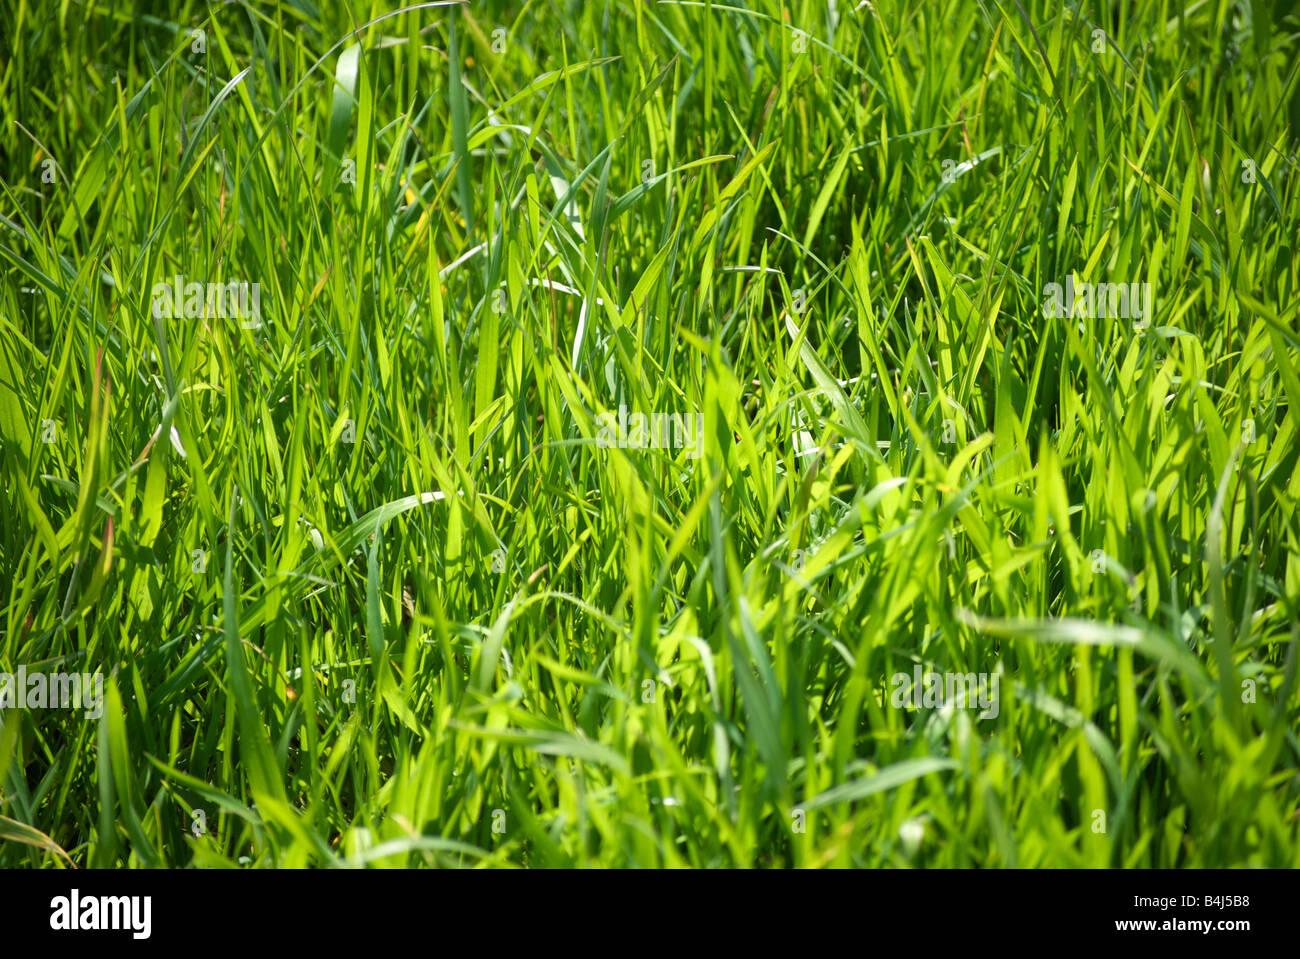 La luz del sol resplandece sobre un parche de color verde hierba de longitud media. Imagen De Stock